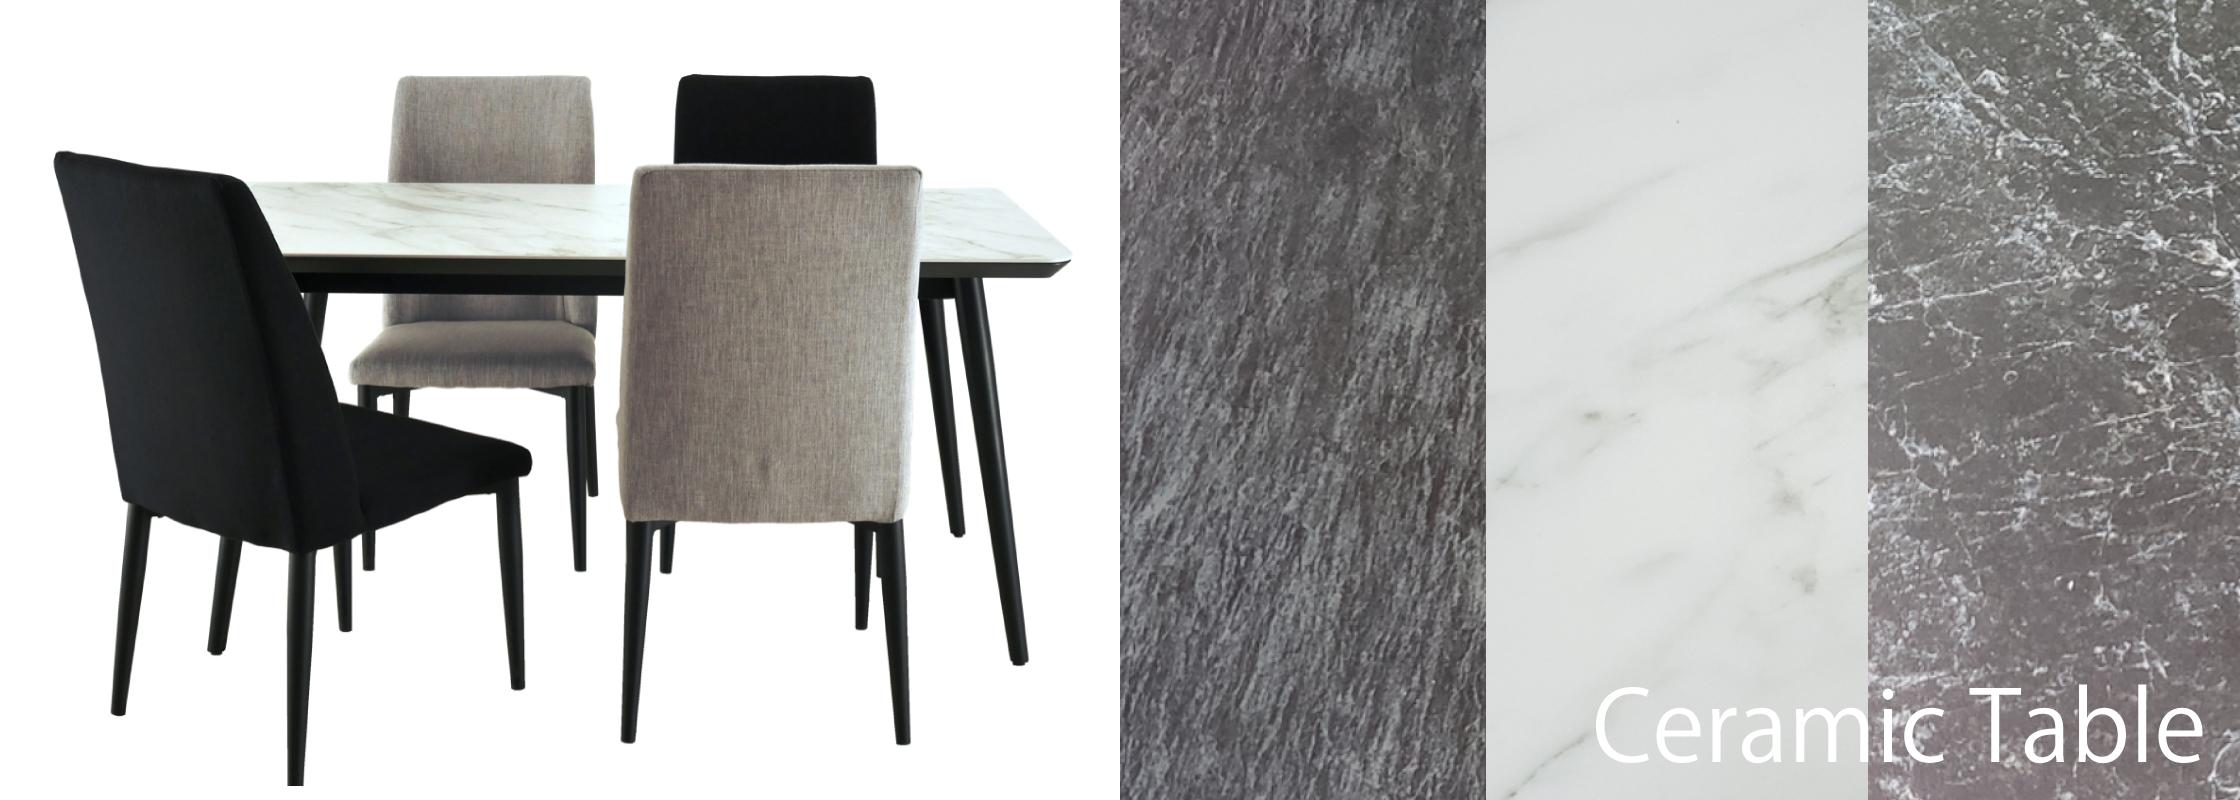 シンプルで馴染みやすいセラミック天板テーブル「バレット」